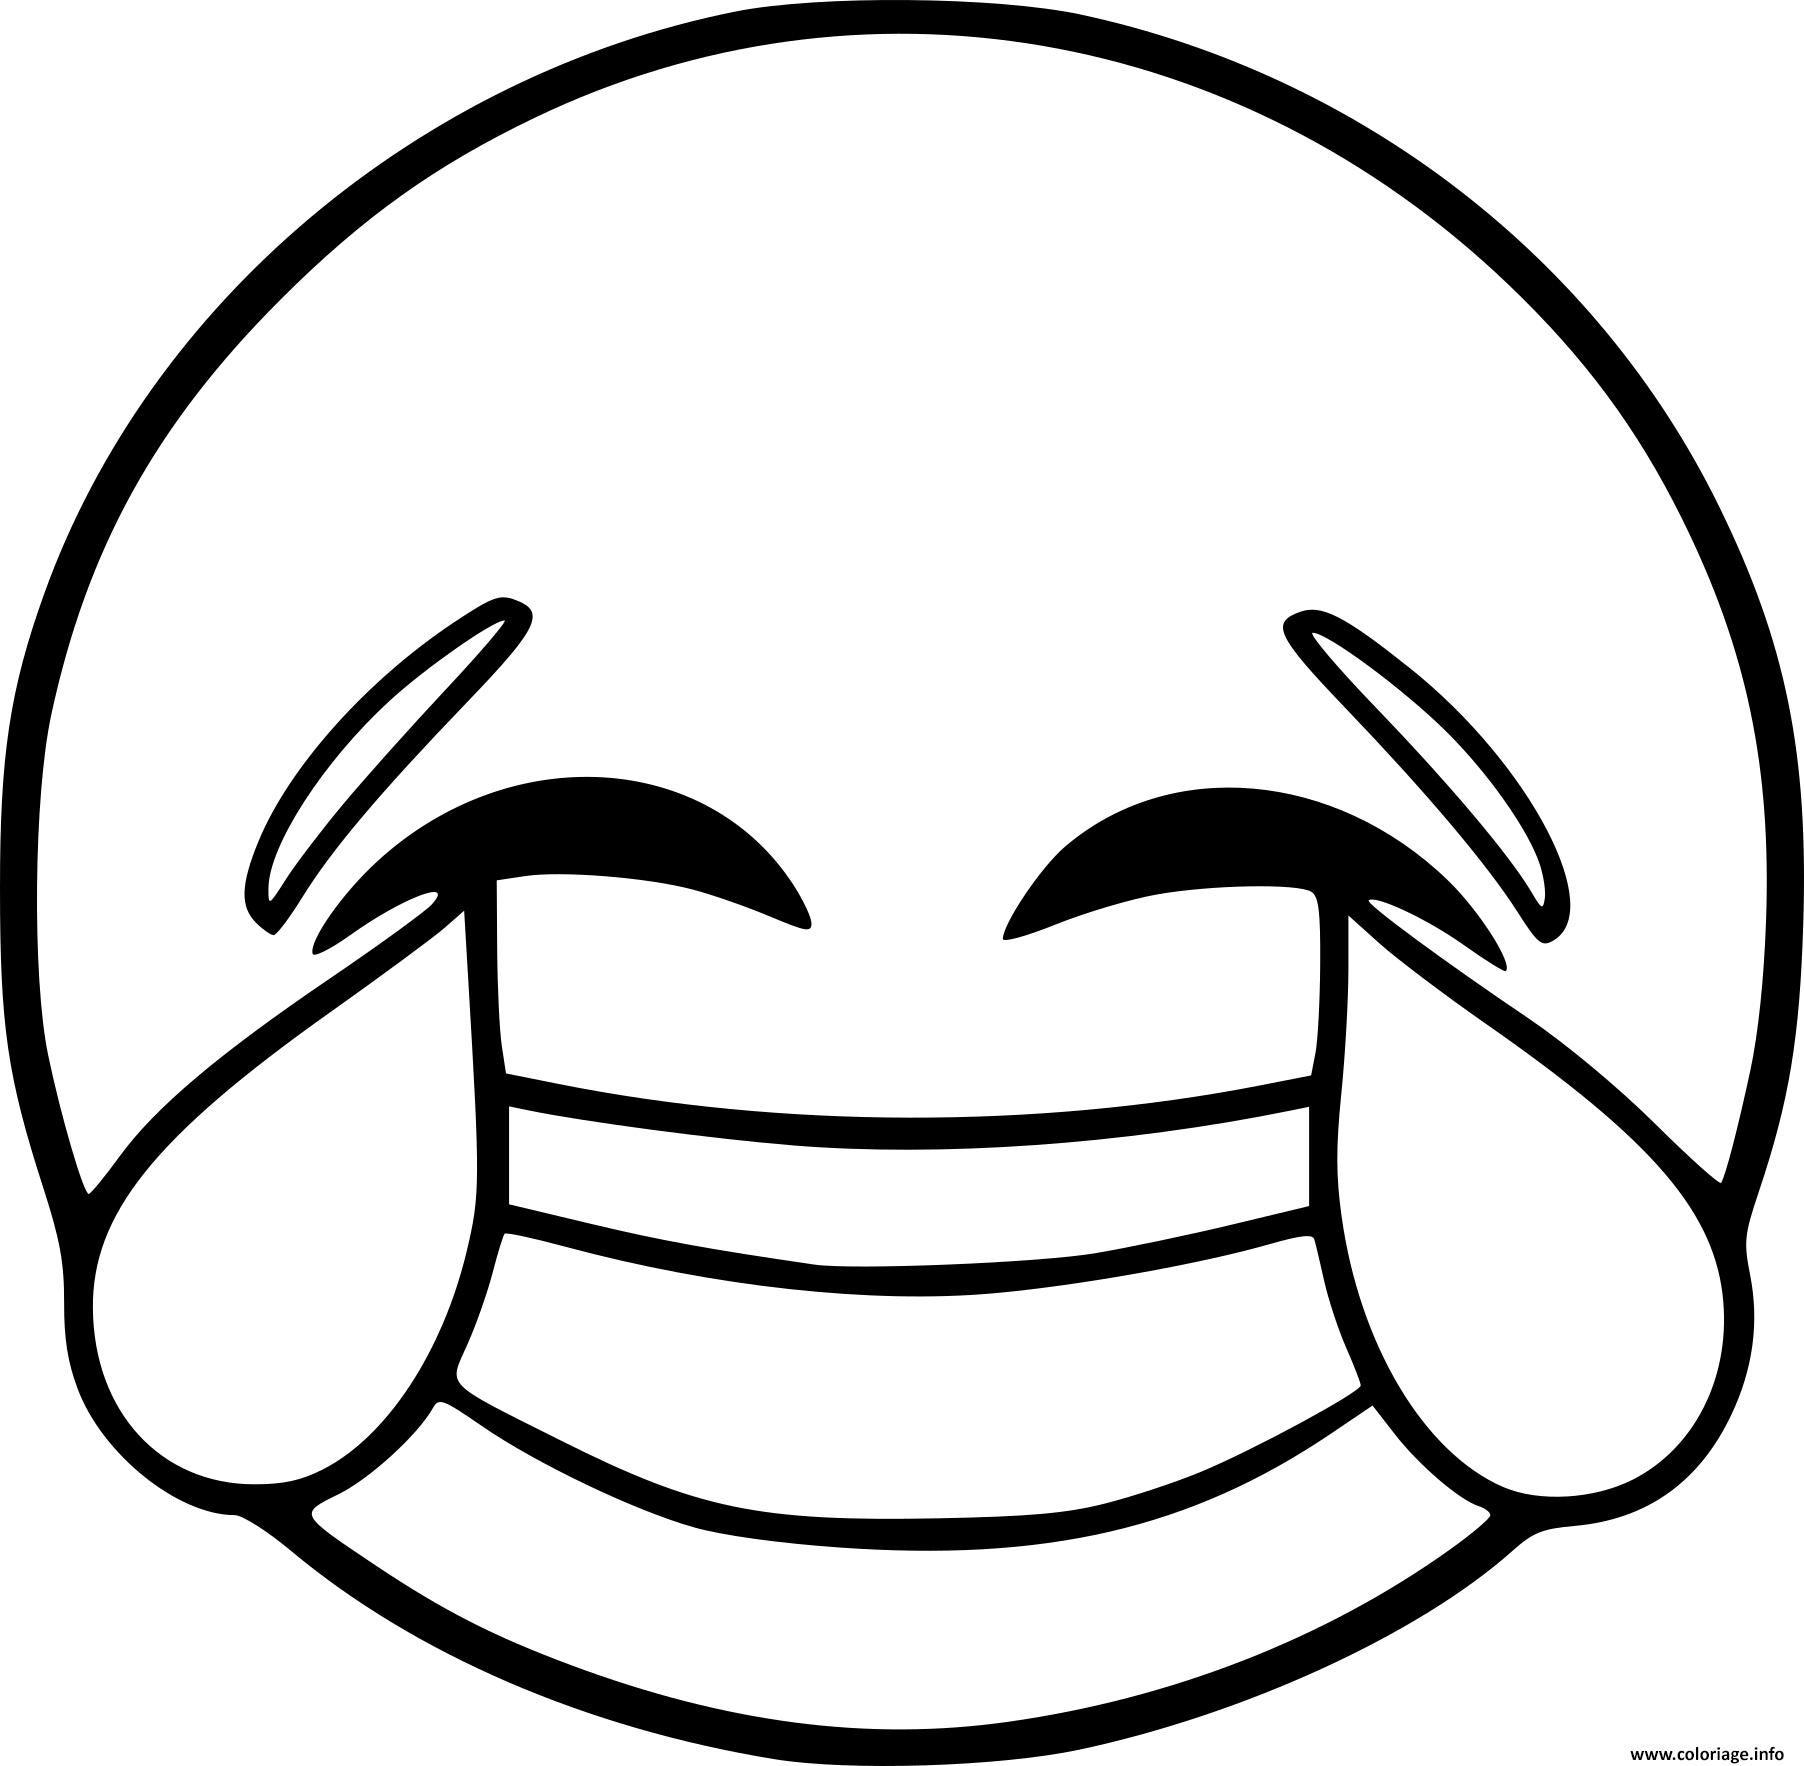 Coloriage Smiley Emoji Rire Dessin Nouveau Coloriage Smiley Emoji ...